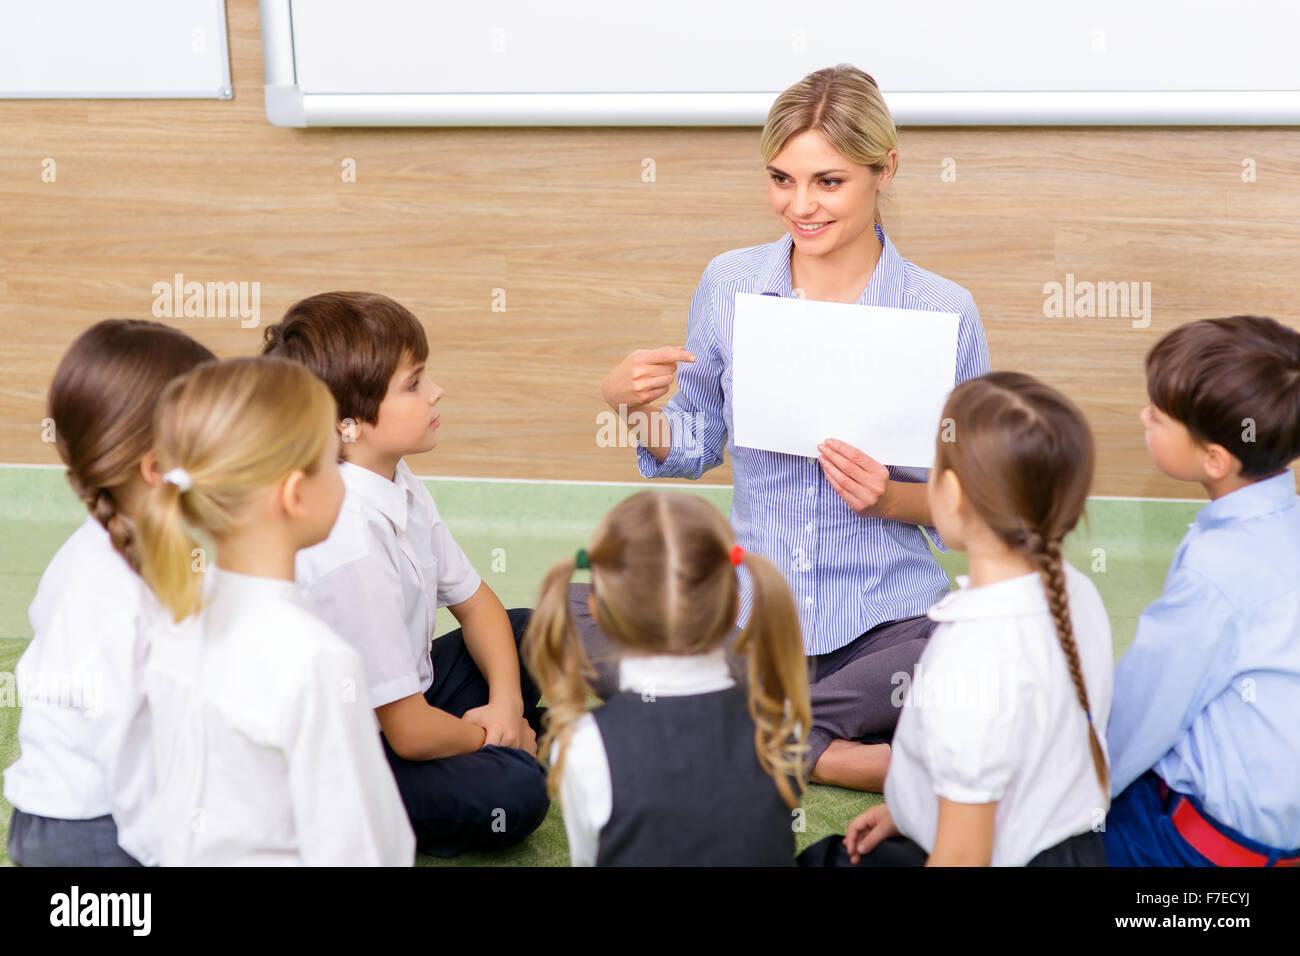 L'enseignant et les enfants sont assis en cercle. Photo Stock